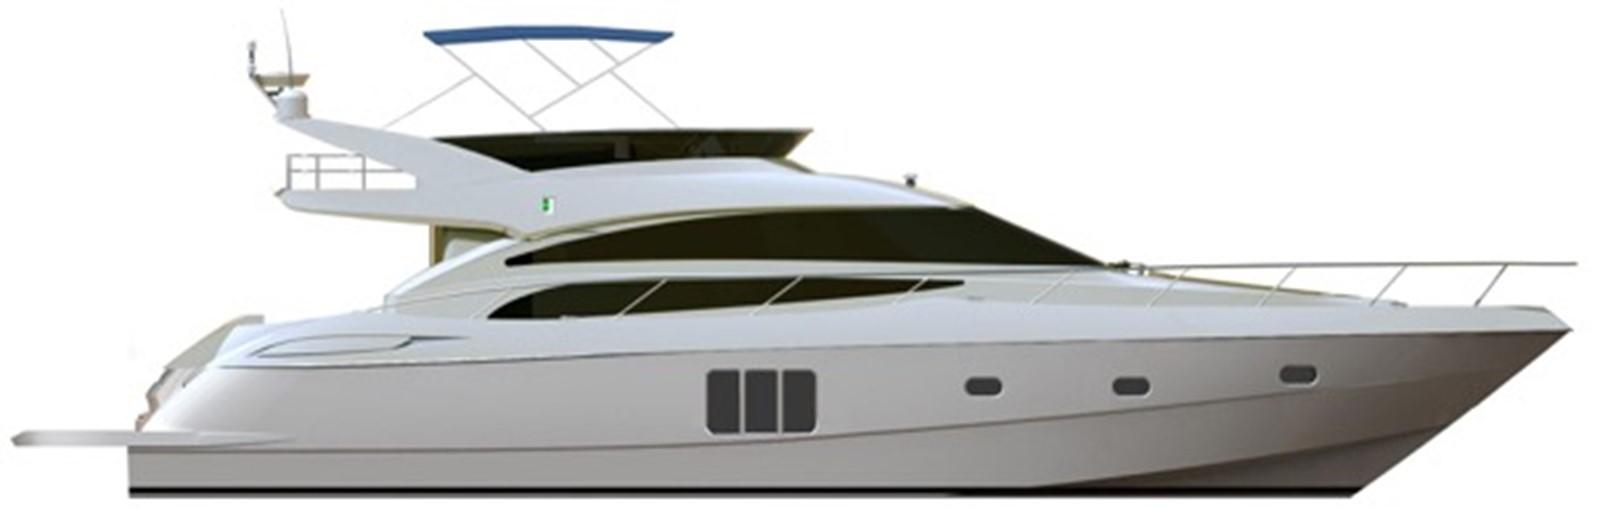 Norseman F60 Profile